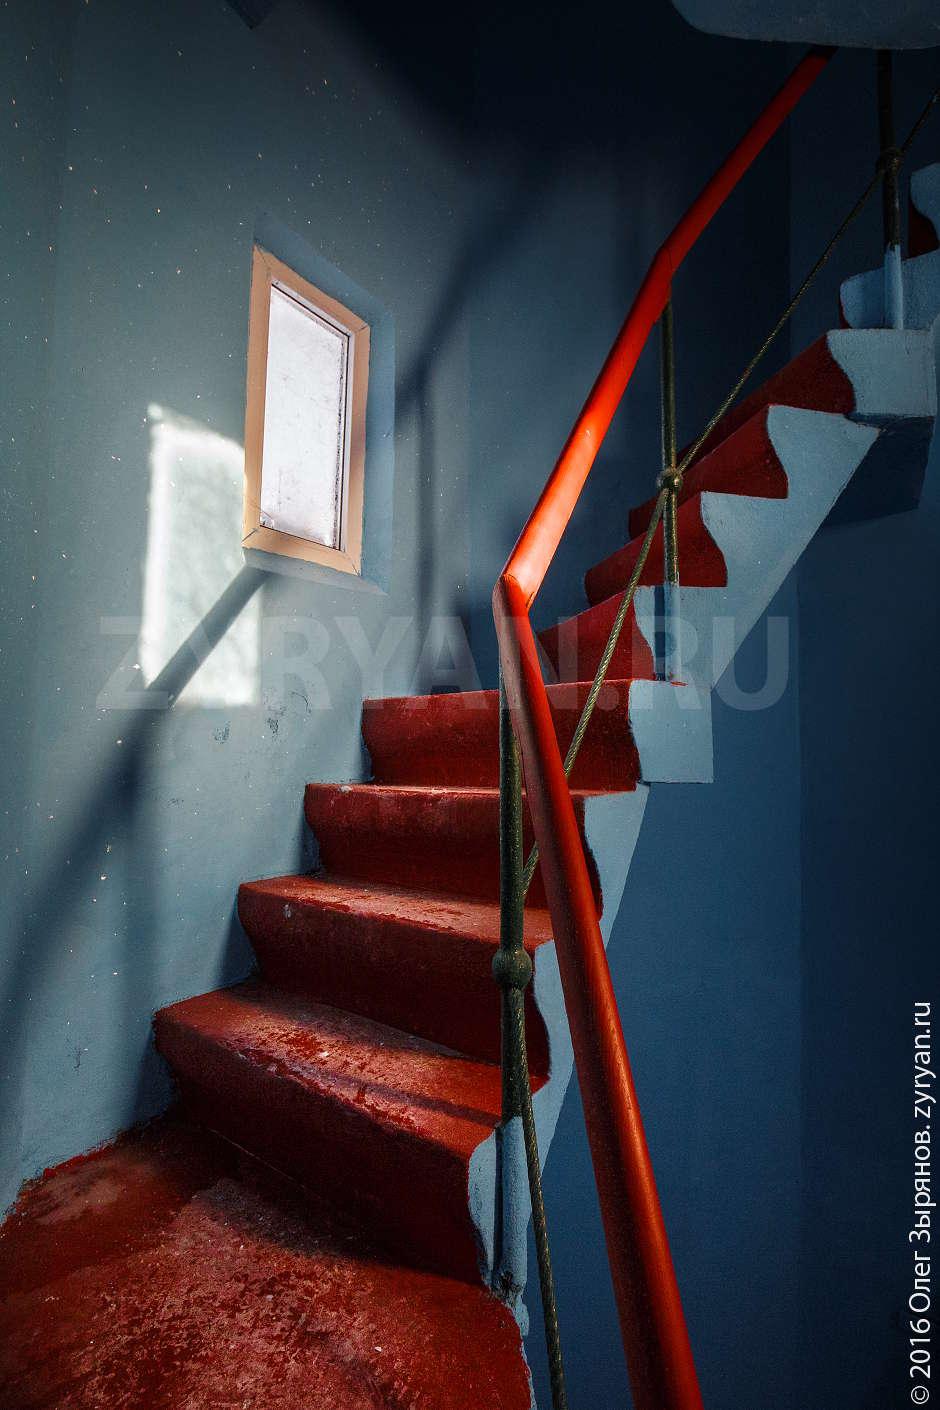 Лестница внутри кронштадтского маяка.